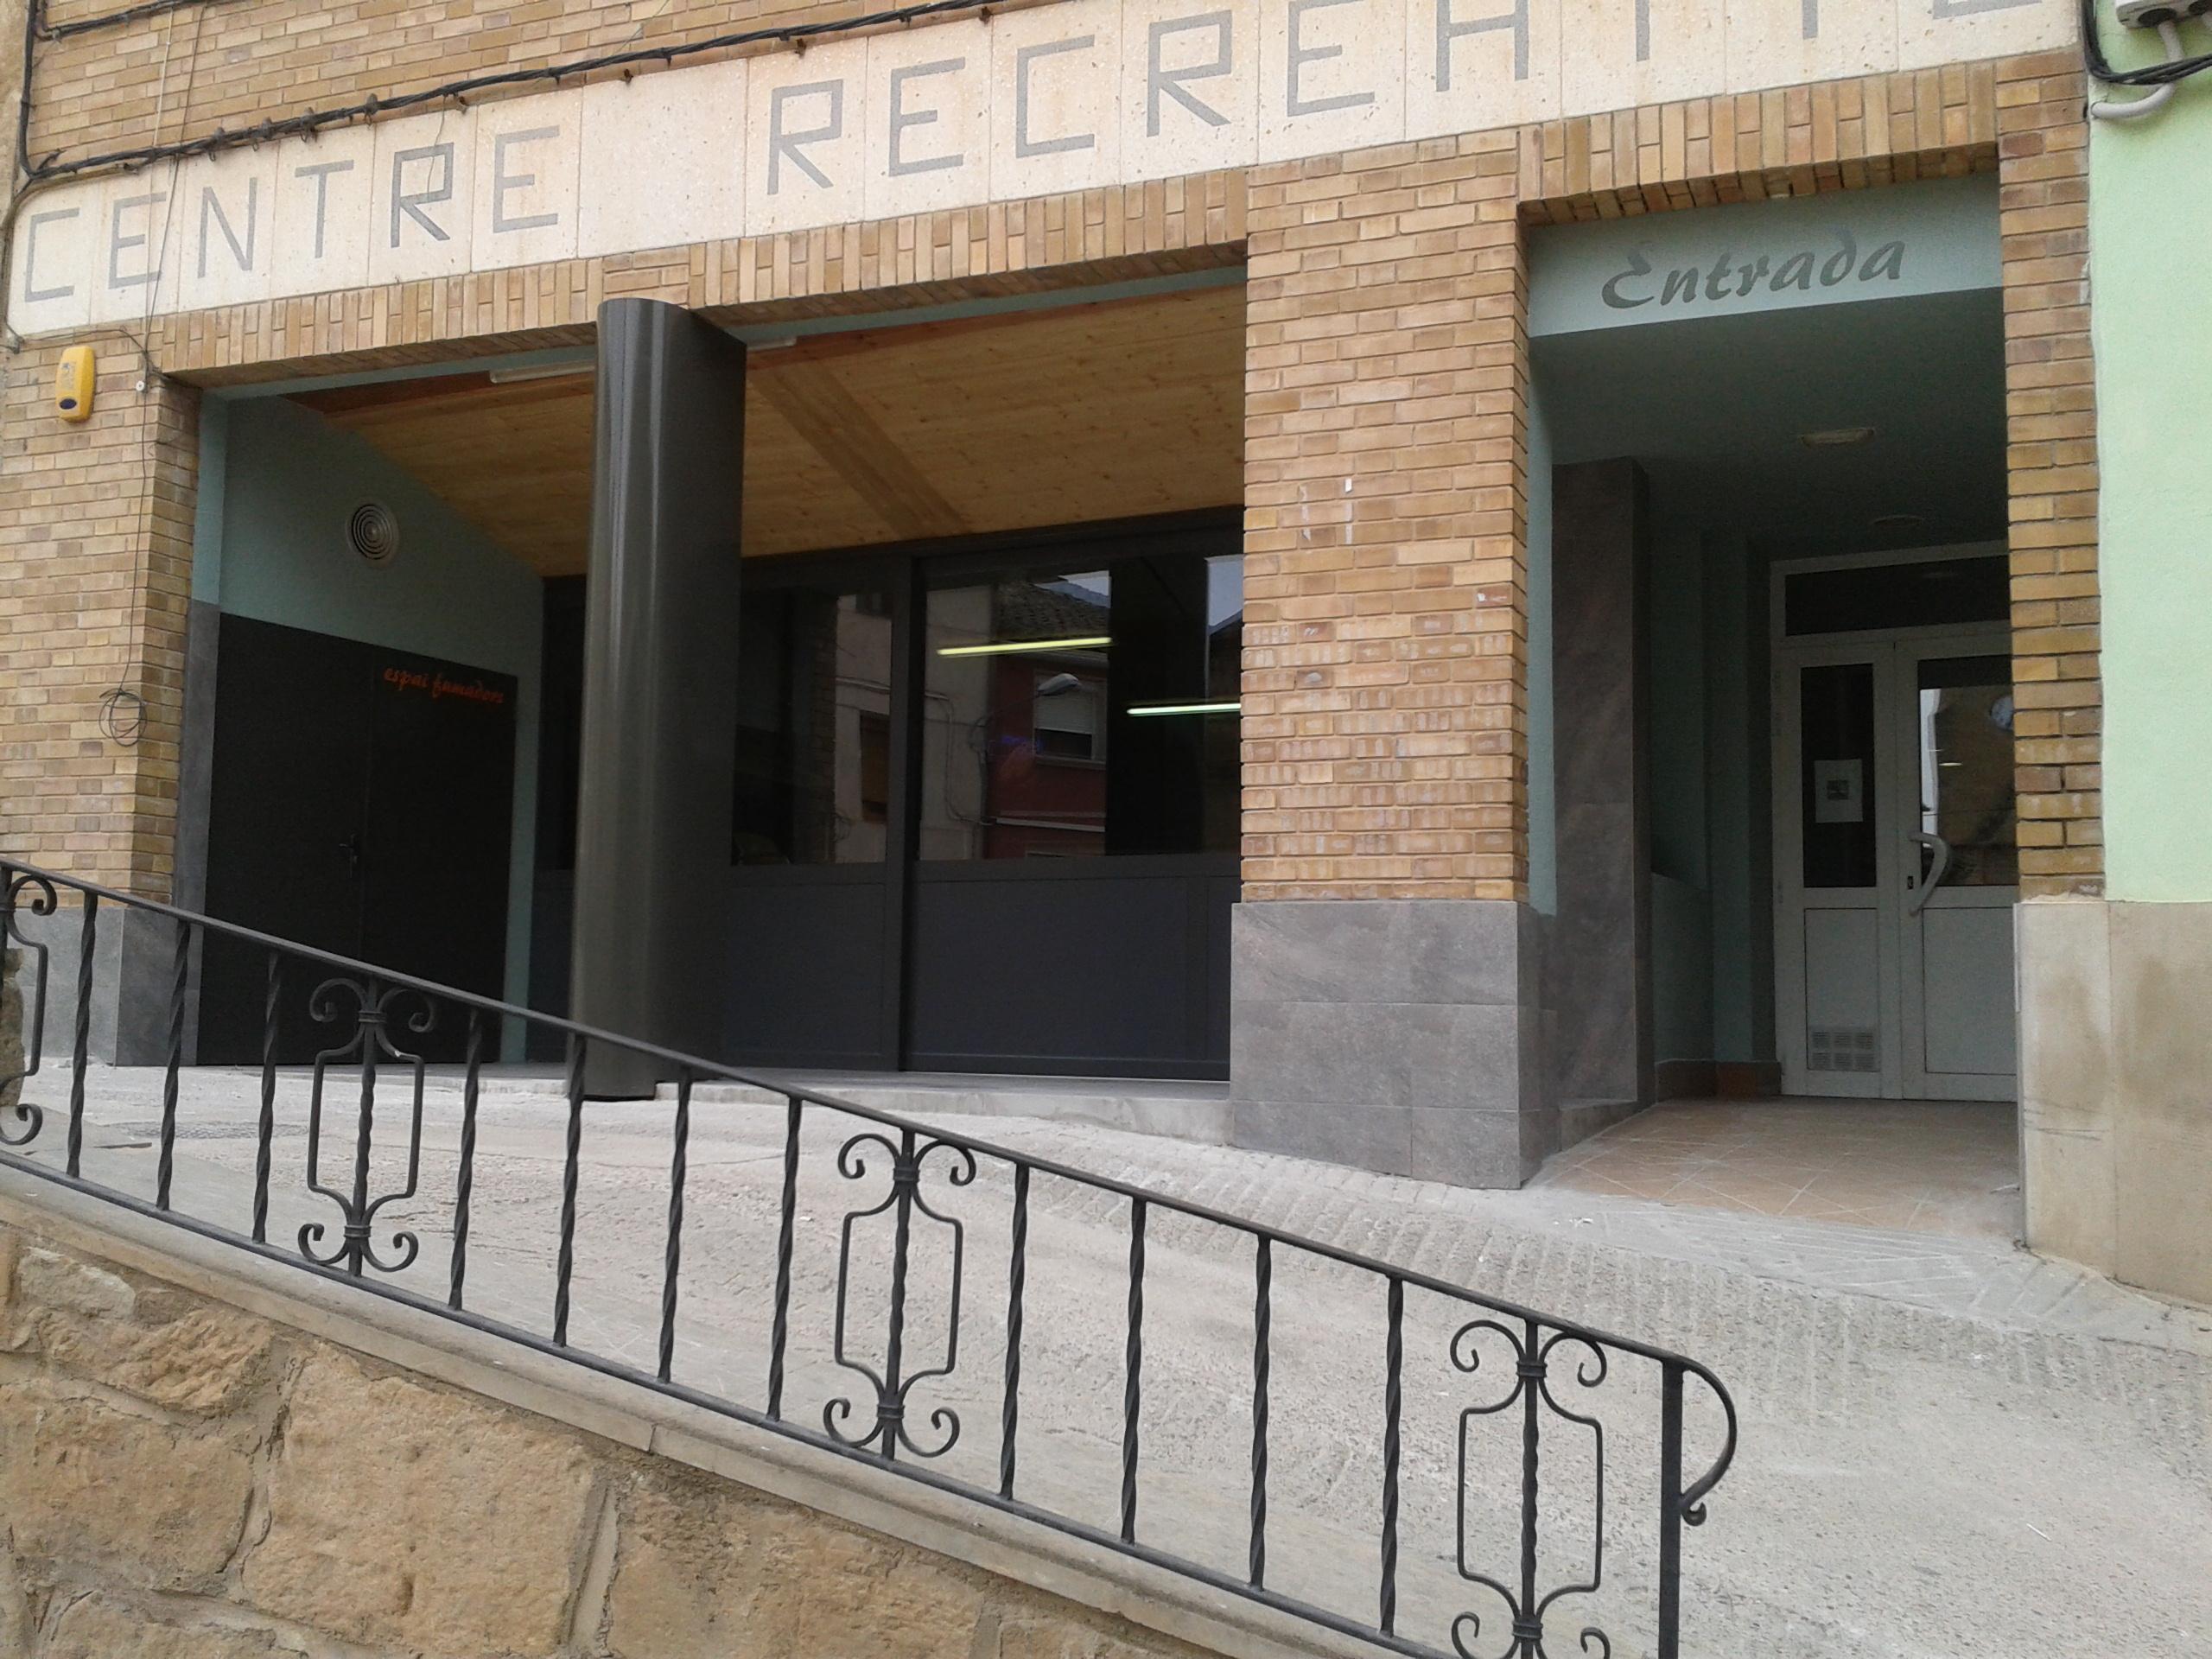 Formació de porxo i reforma d'escala en edifici municipal de serveis, i substitució de fusteria de sala de ball.